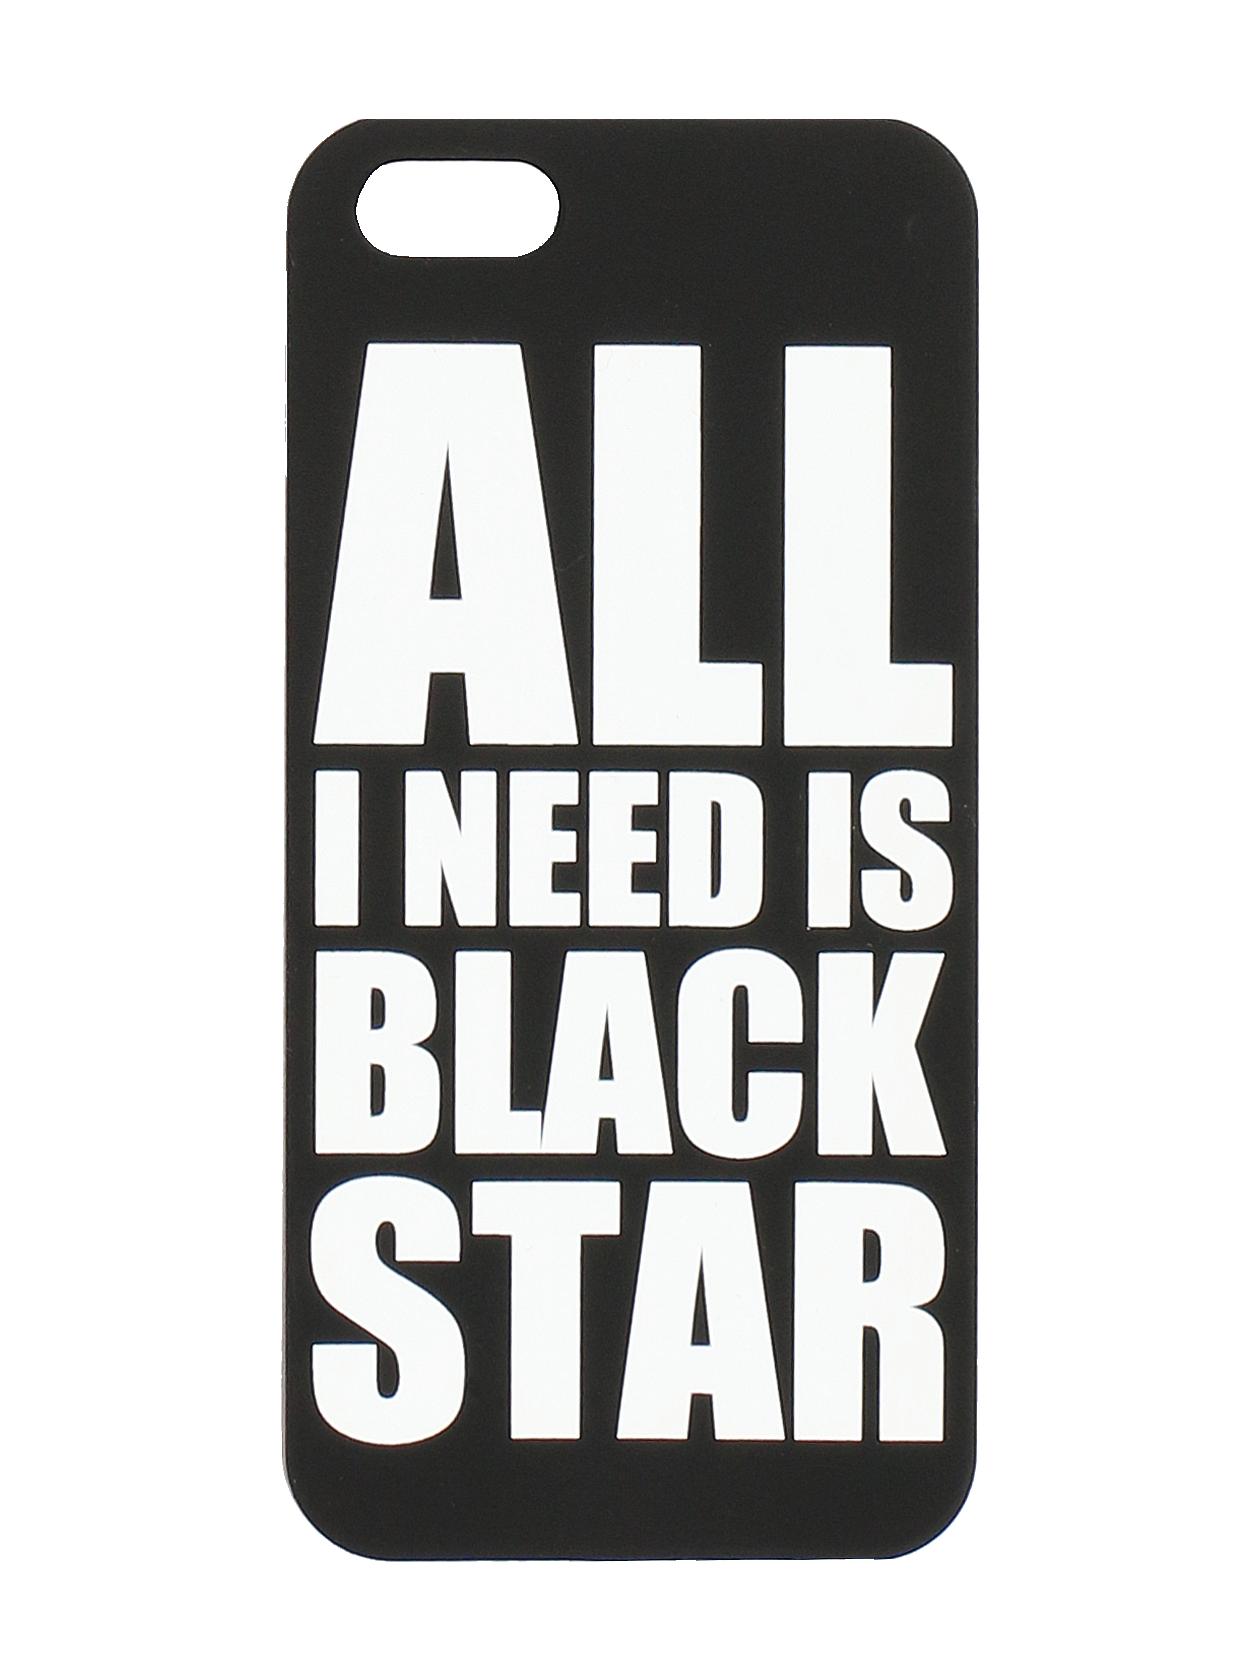 Чехол для iPhone 5/6/6+ All I Need Is Black StarЧехол для iPhone из коллекции Black Star Wear. Матовая поверхность с контрастным белым принтом. Защитный кейс из ударопрочного пластика повторяет форму гаджета и защищает его от вредного внешнего воздействия, сколов и пыли, сохраняя при этом доступ ко всем кнопкам и разъёмам. Модель доступна в чёрном и розовом цветах.<br><br>Размер: 6+<br>Цвет: Черный<br>Пол: Унисекс